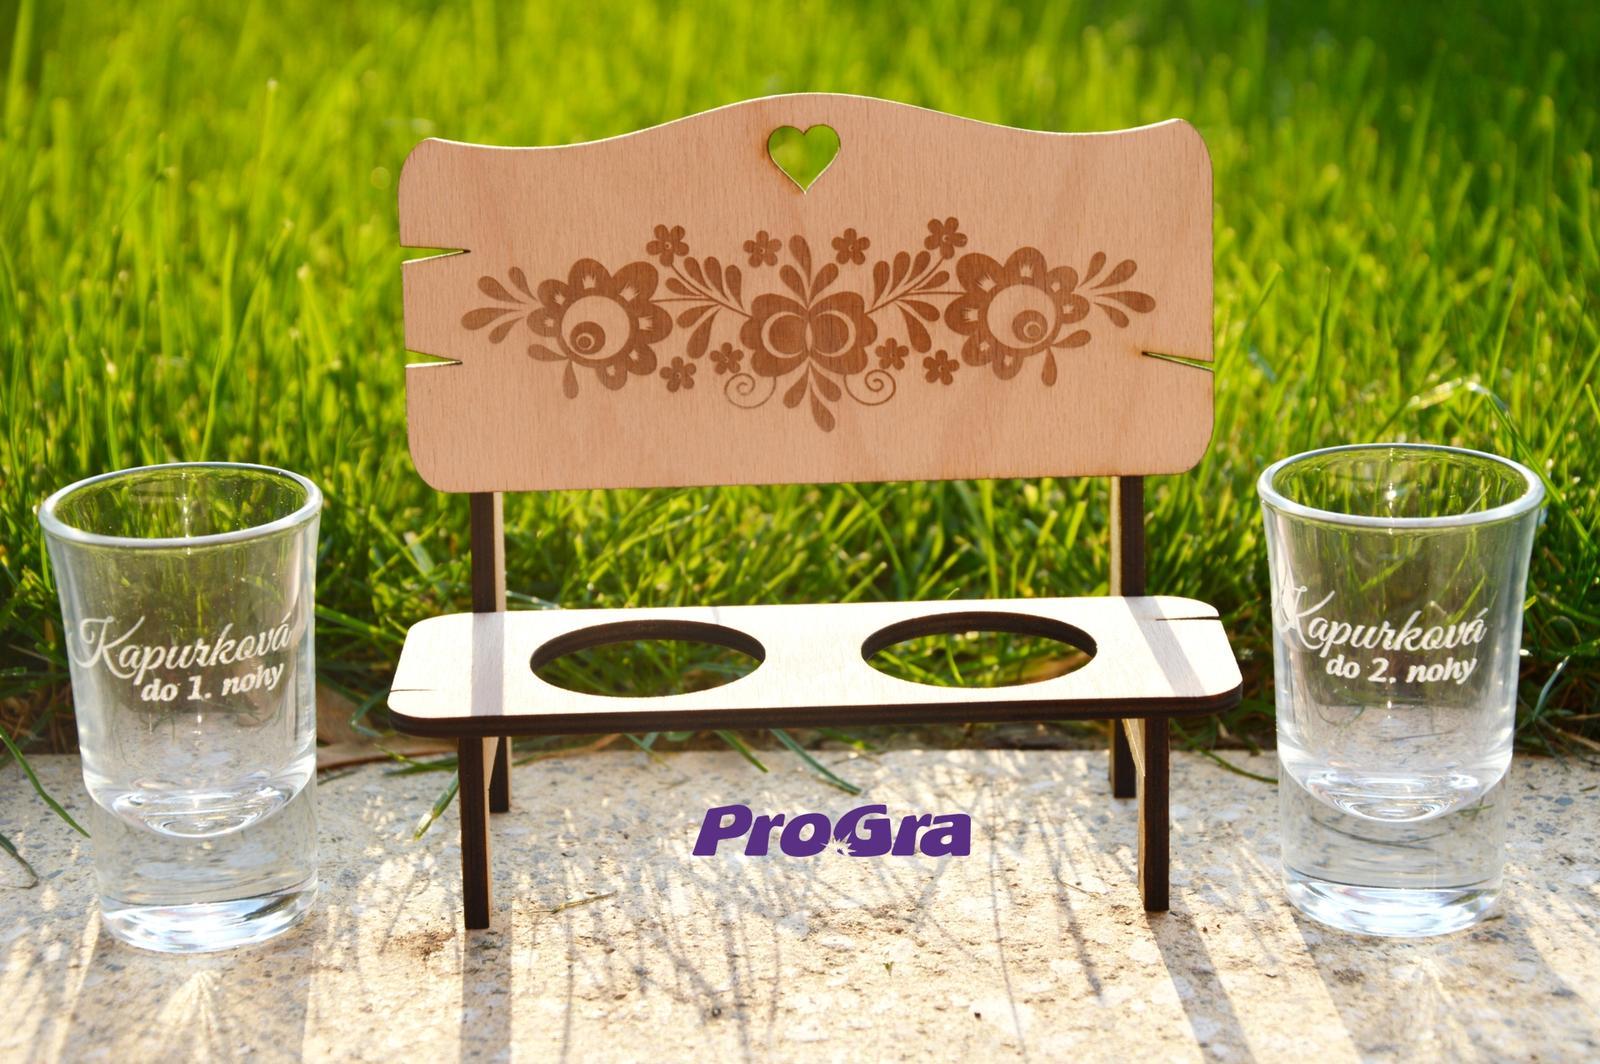 Po svatbě - Dárkový set - gravírovaná lavička a štamprle - možnost personalizace